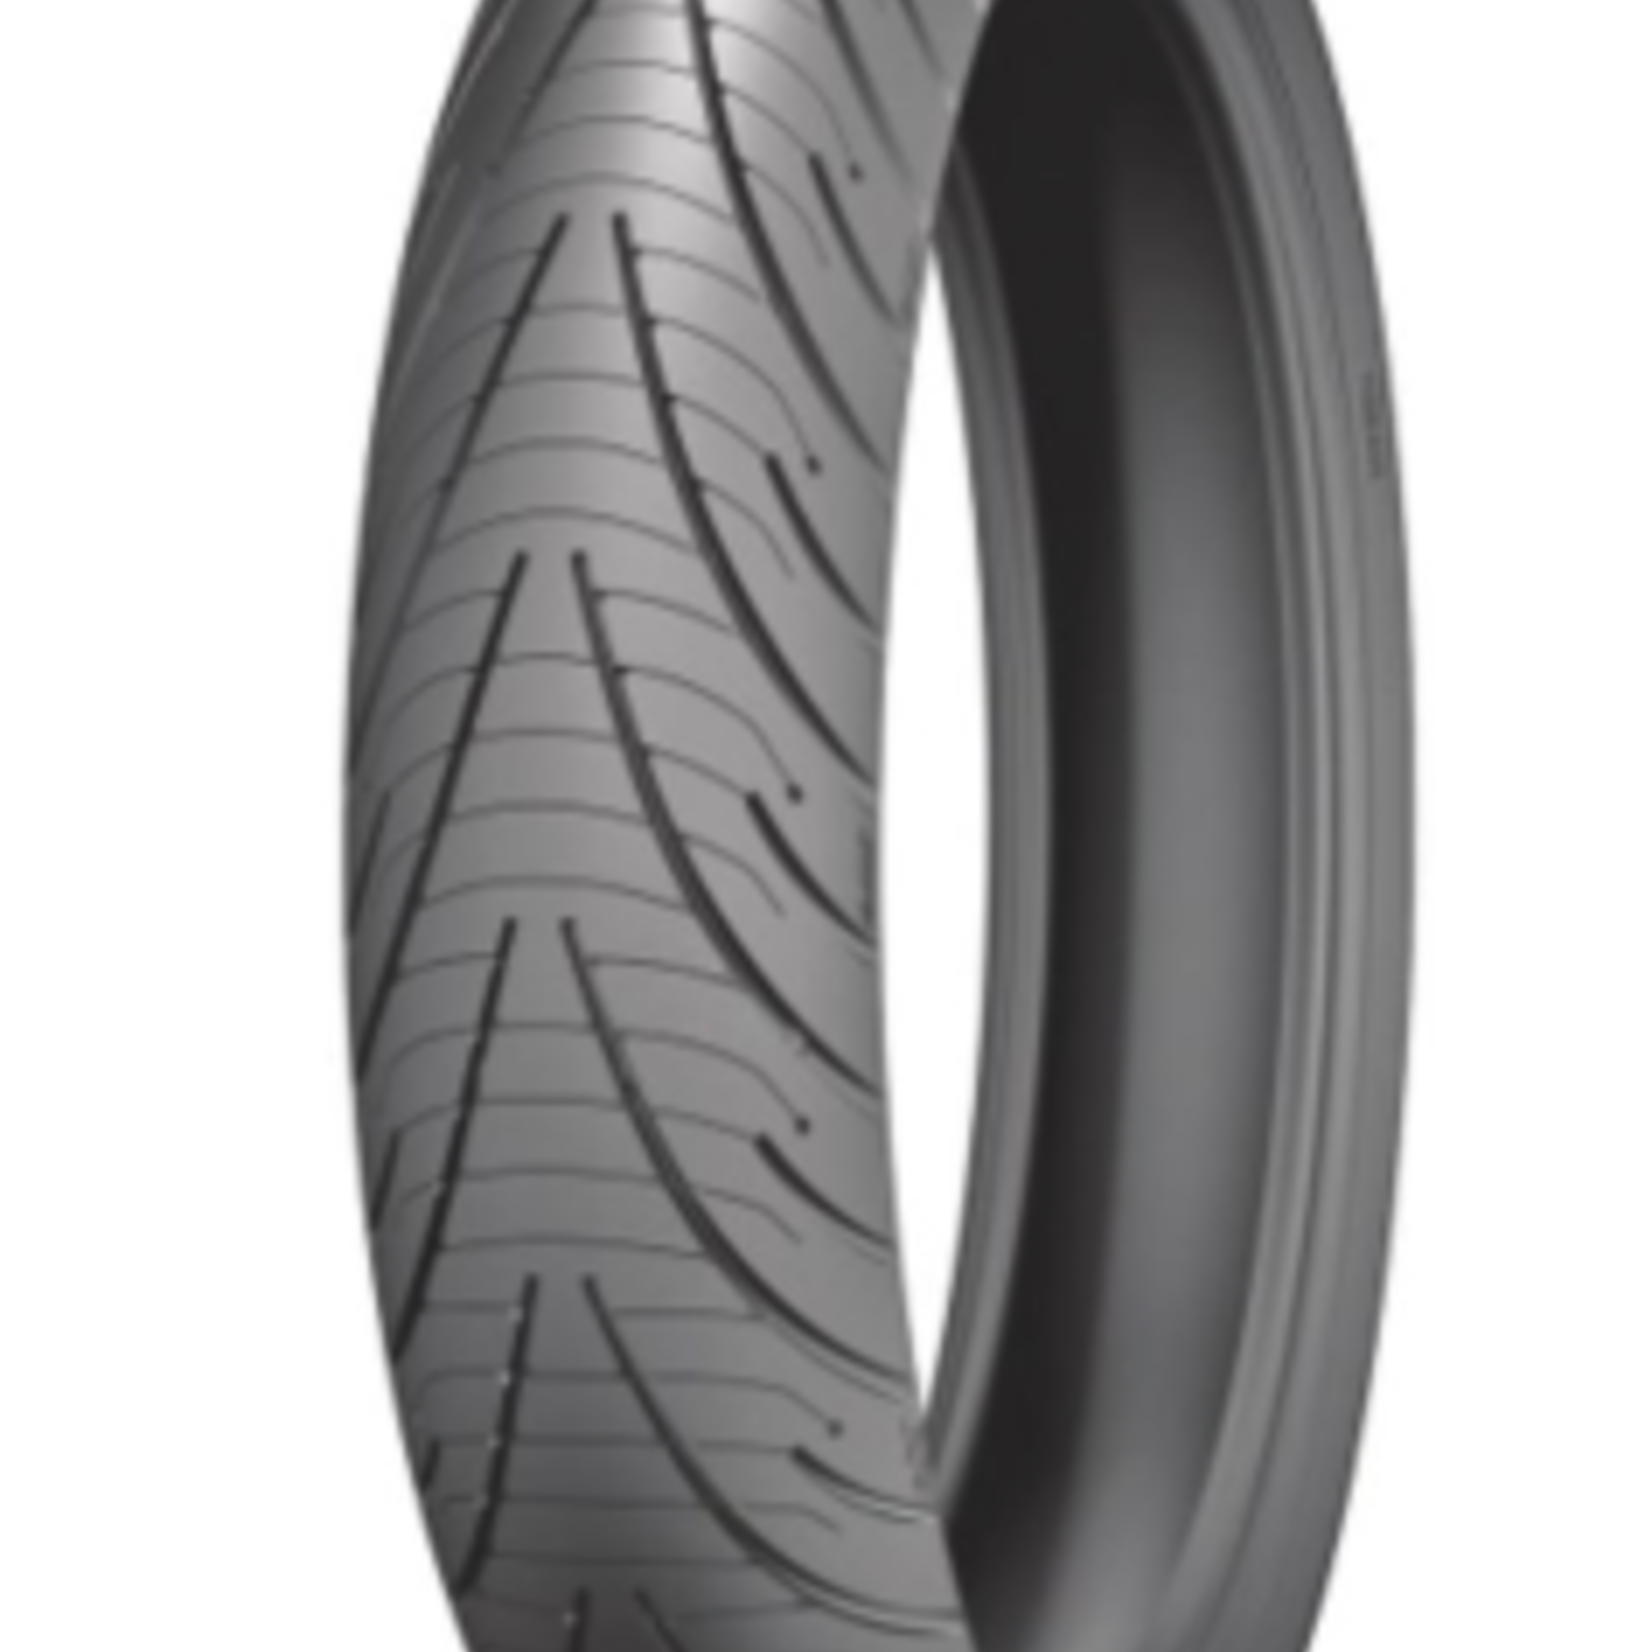 Michelin Michelin Pilot Road 3 Front Tire - 120/70-17